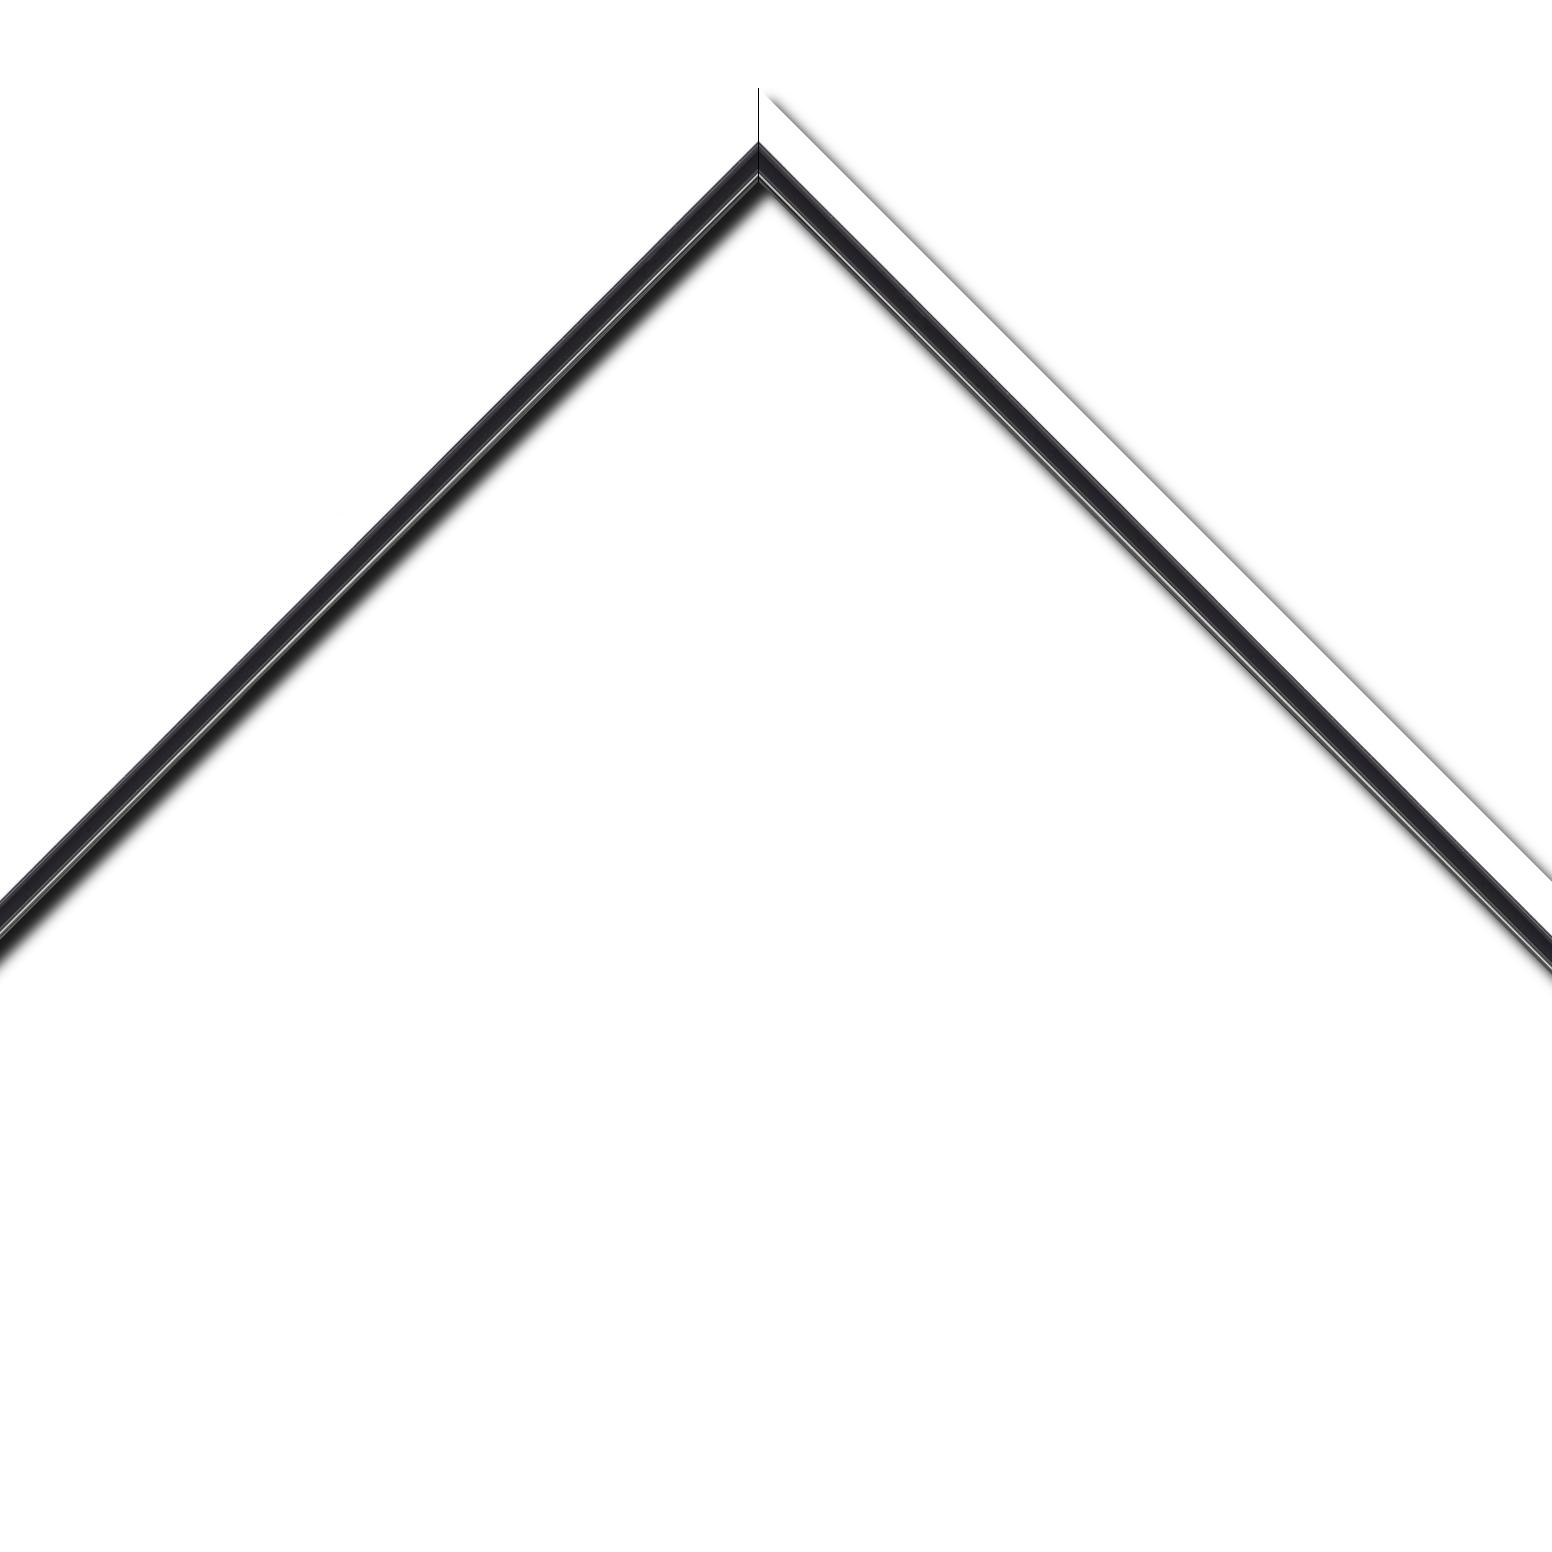 Baguette bois profil plat largeur 1.6cm couleur blanc mat finition pore bouché filet noir en retrait de la face du cadre de 6mm assurant un effet très original